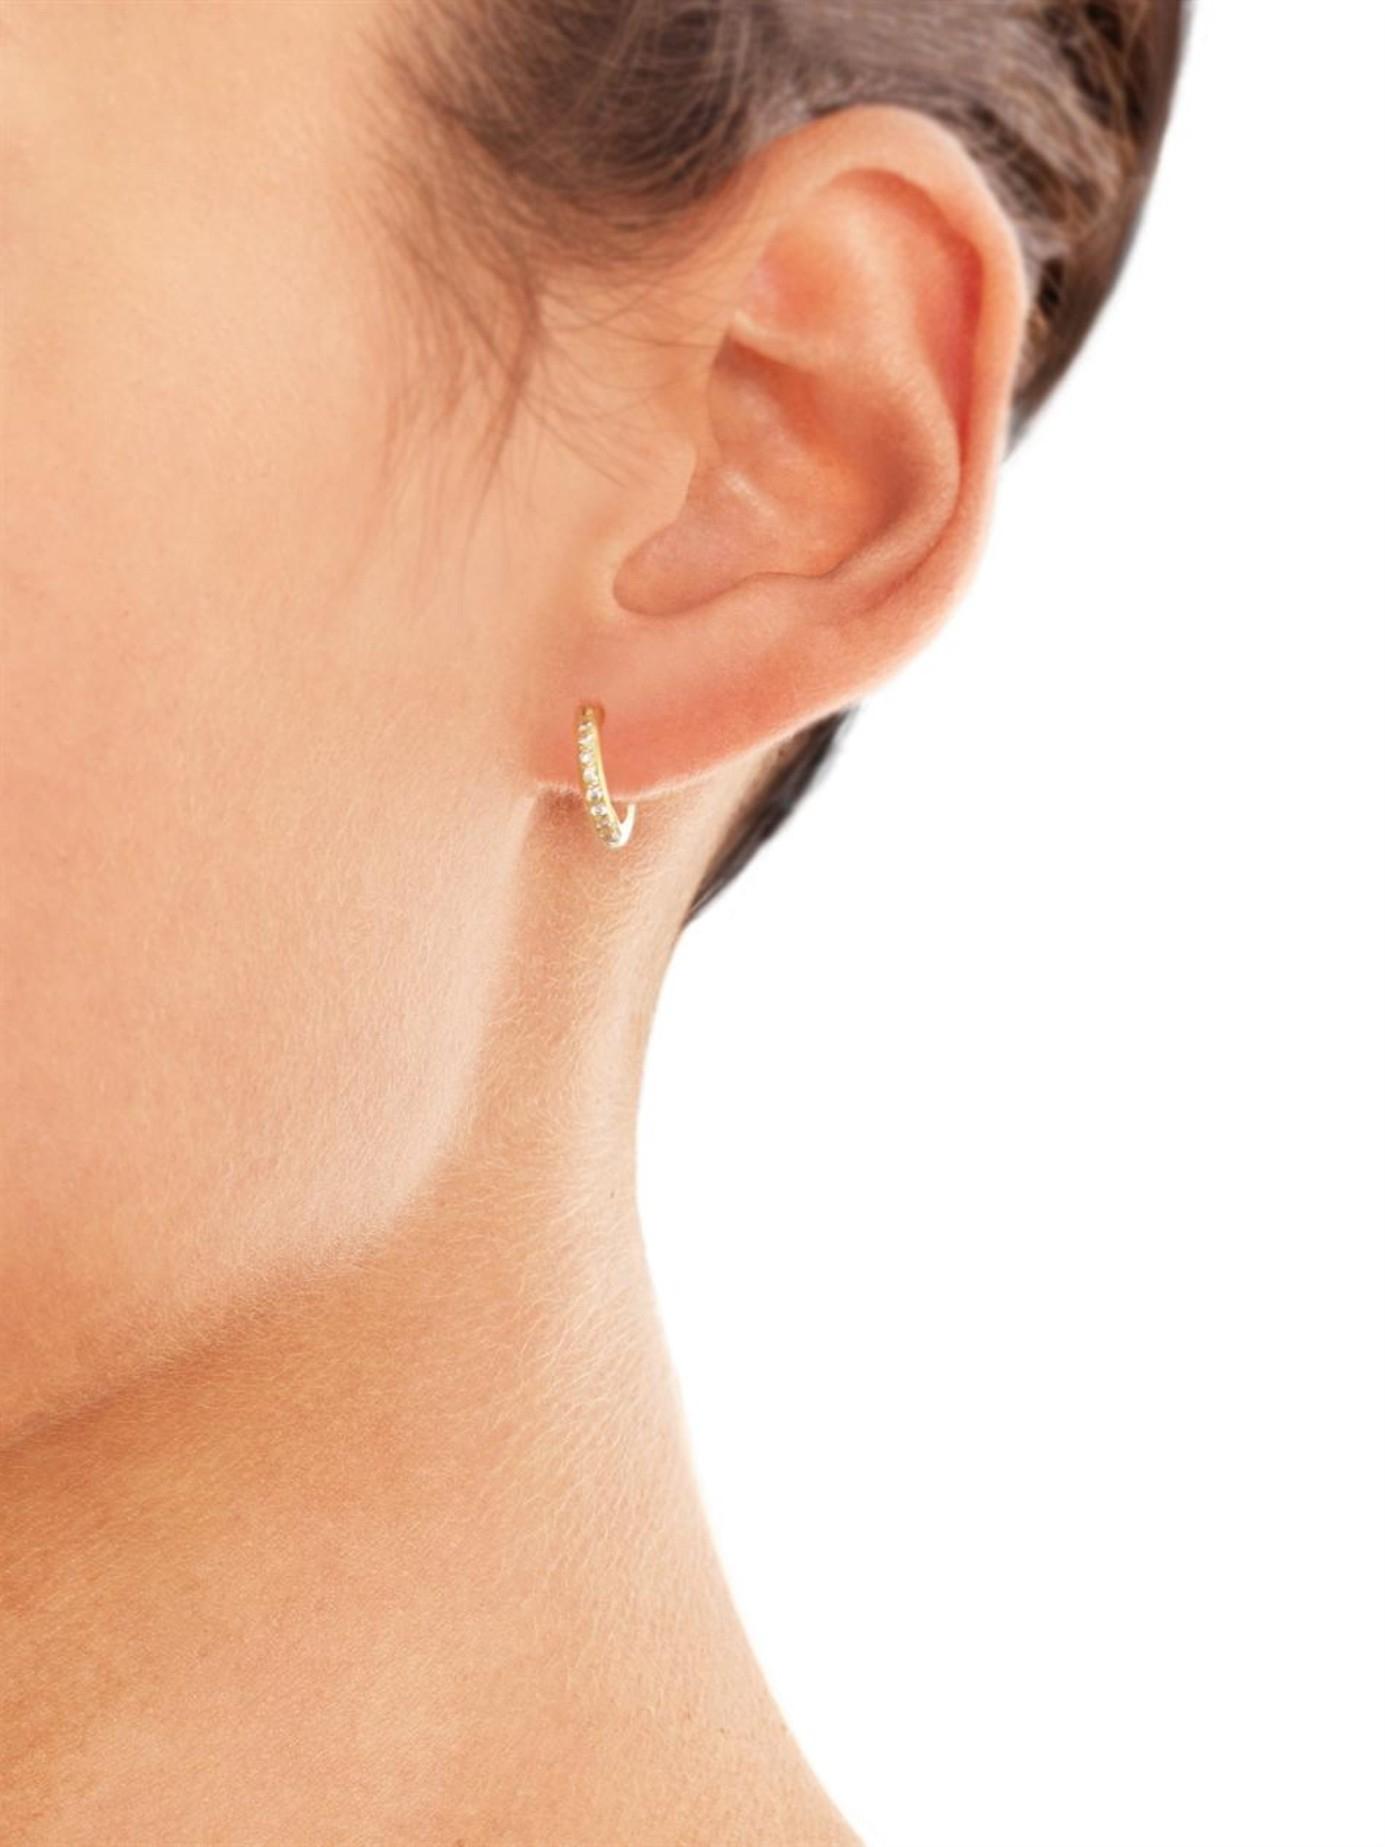 Ileana makri Diamond & Yellow Gold Mini Hoop Earrings in Yellow